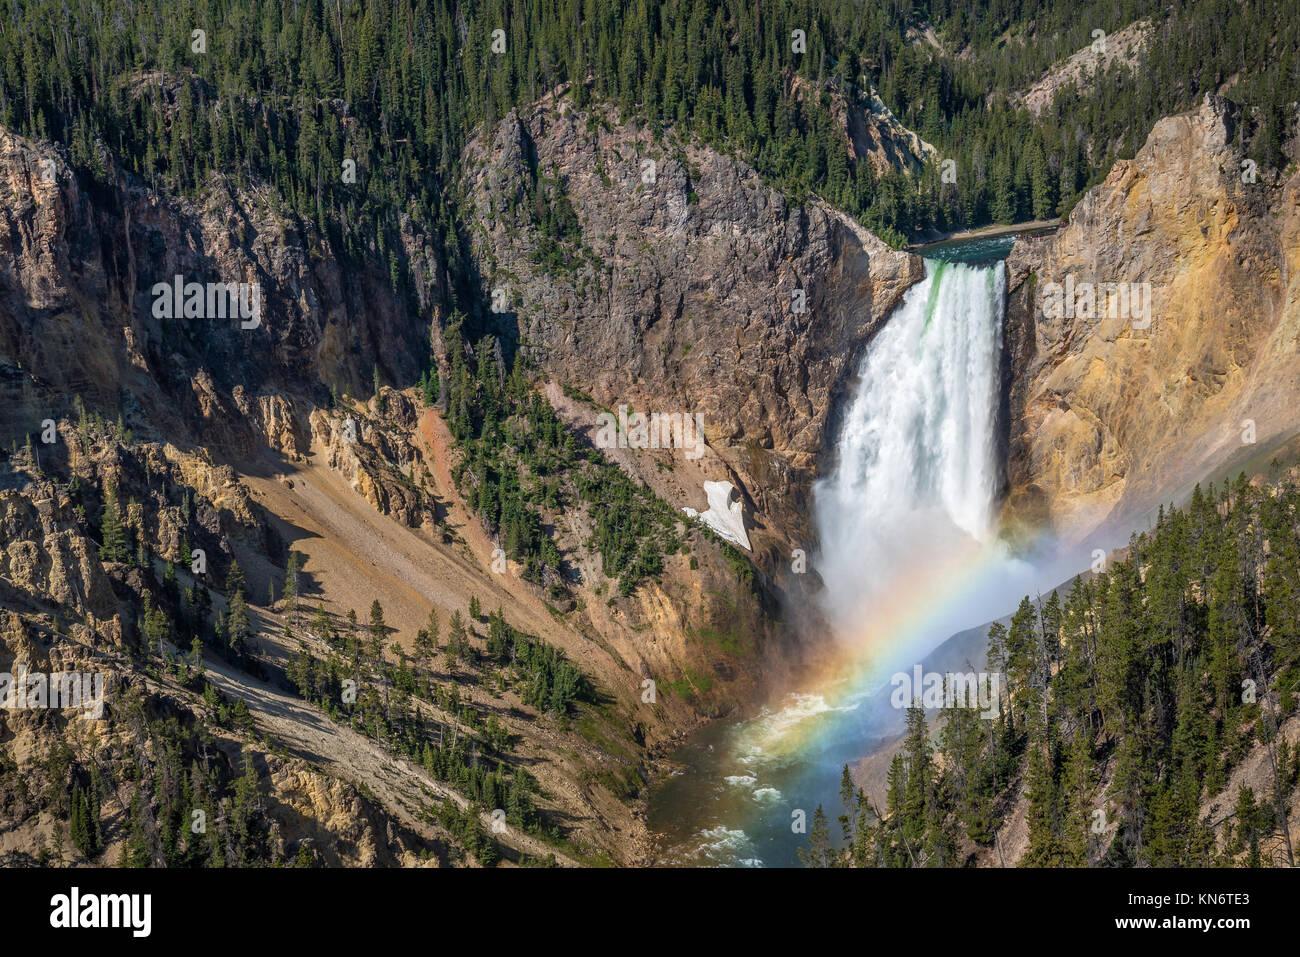 Le cascate Inferiori e rainbow dal punto di vedetta, Grand Canyon di Yellowstone River, il Parco Nazionale di Yellowstone, Wyoming negli Stati Uniti. Foto Stock